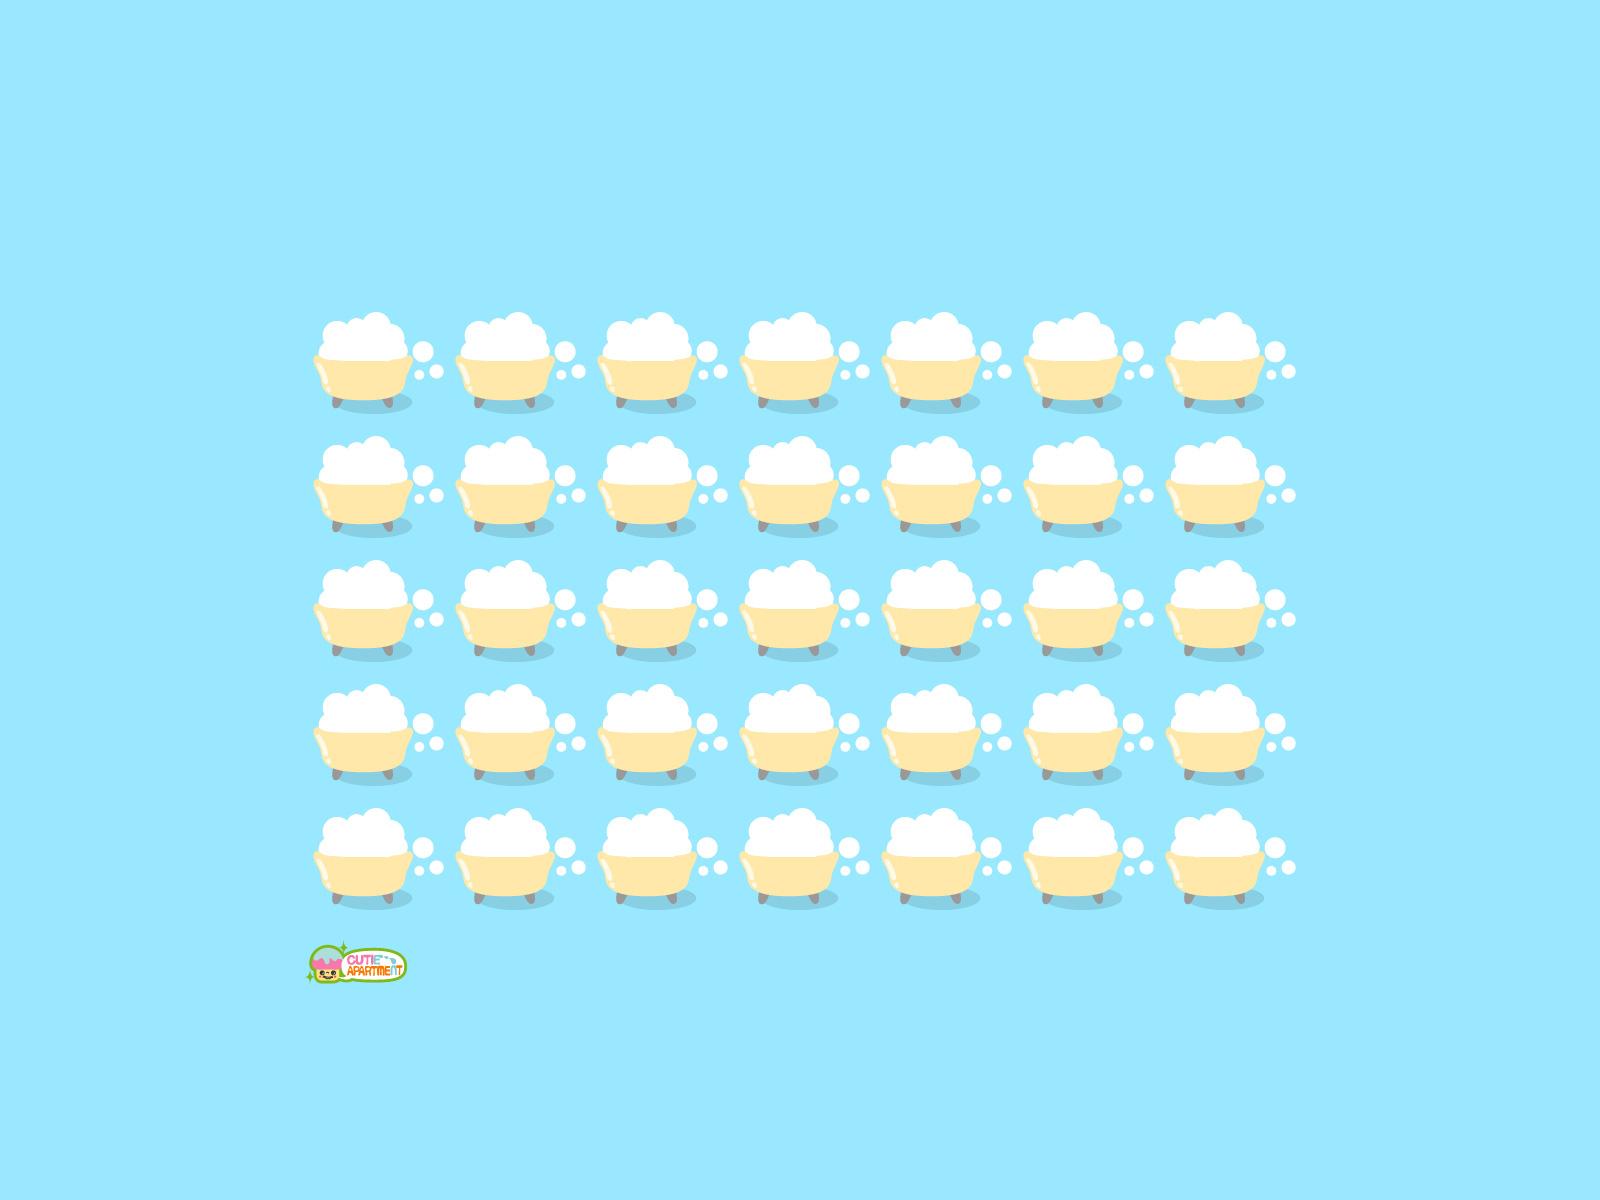 プリント お名前プリント : デスクトップ素材 壁紙 ‐Cutie ...